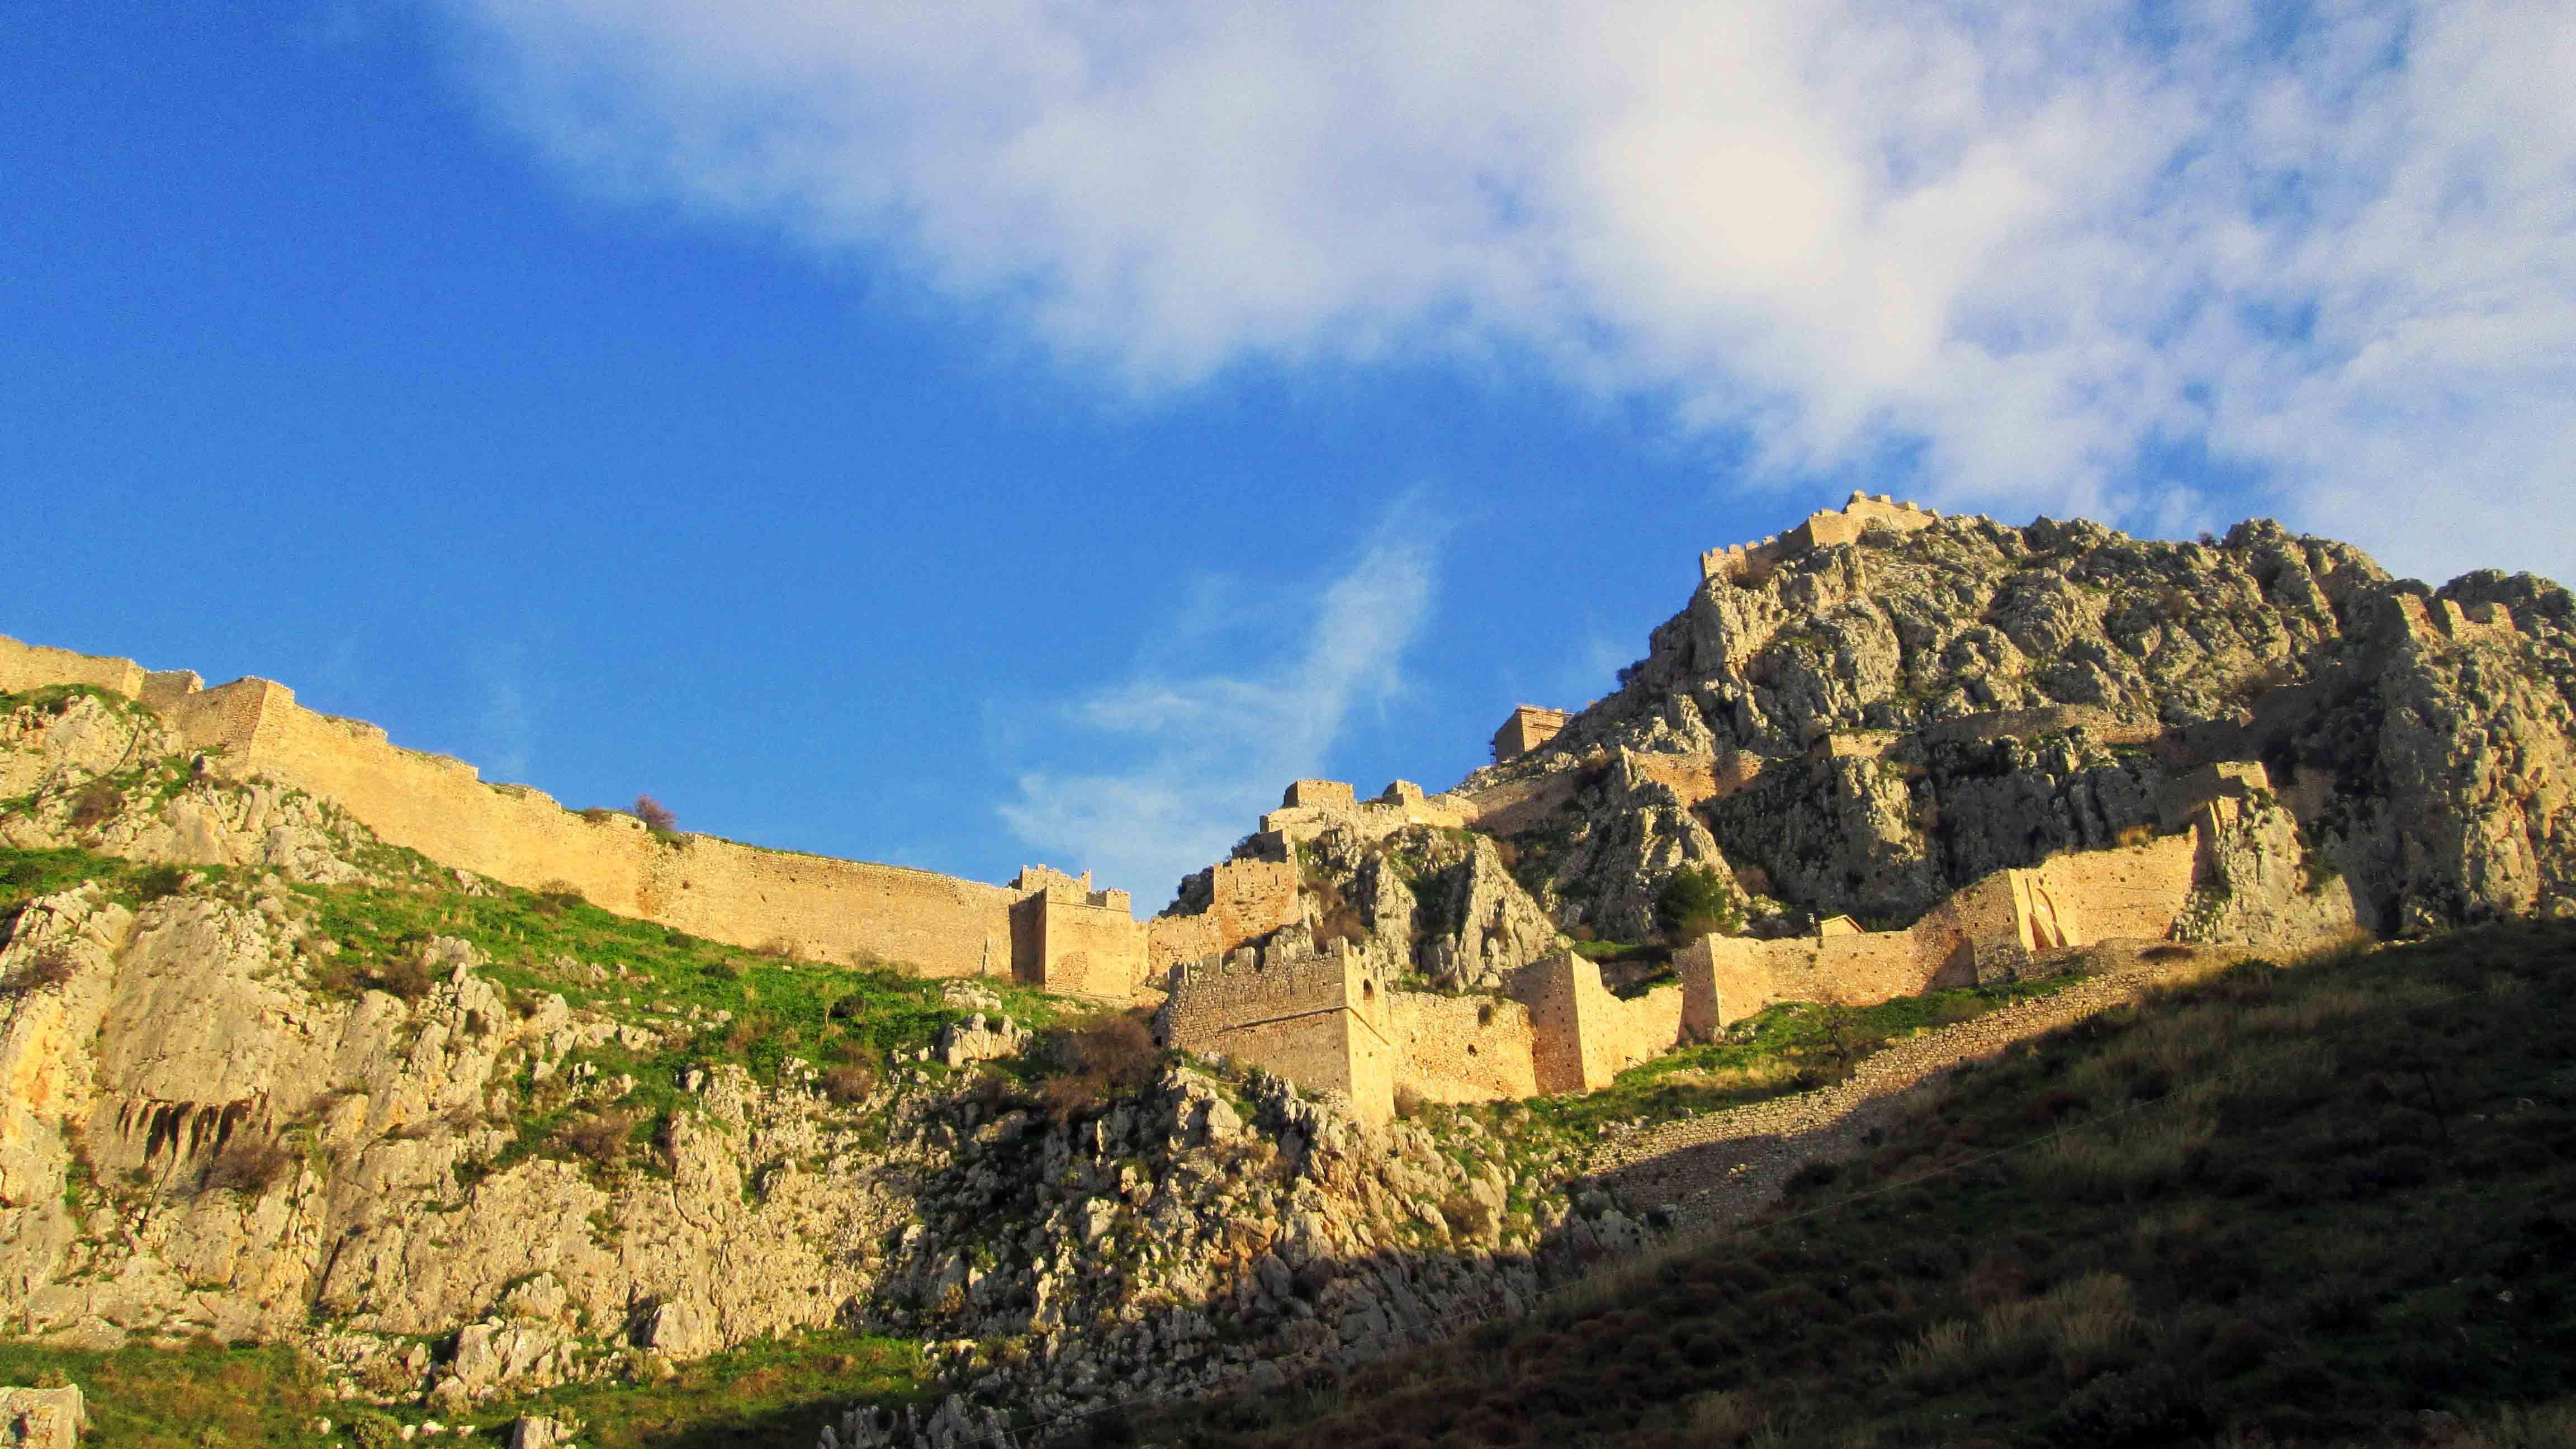 Ακροκόρινθος Αρχαία Κόρινθος κάστρο